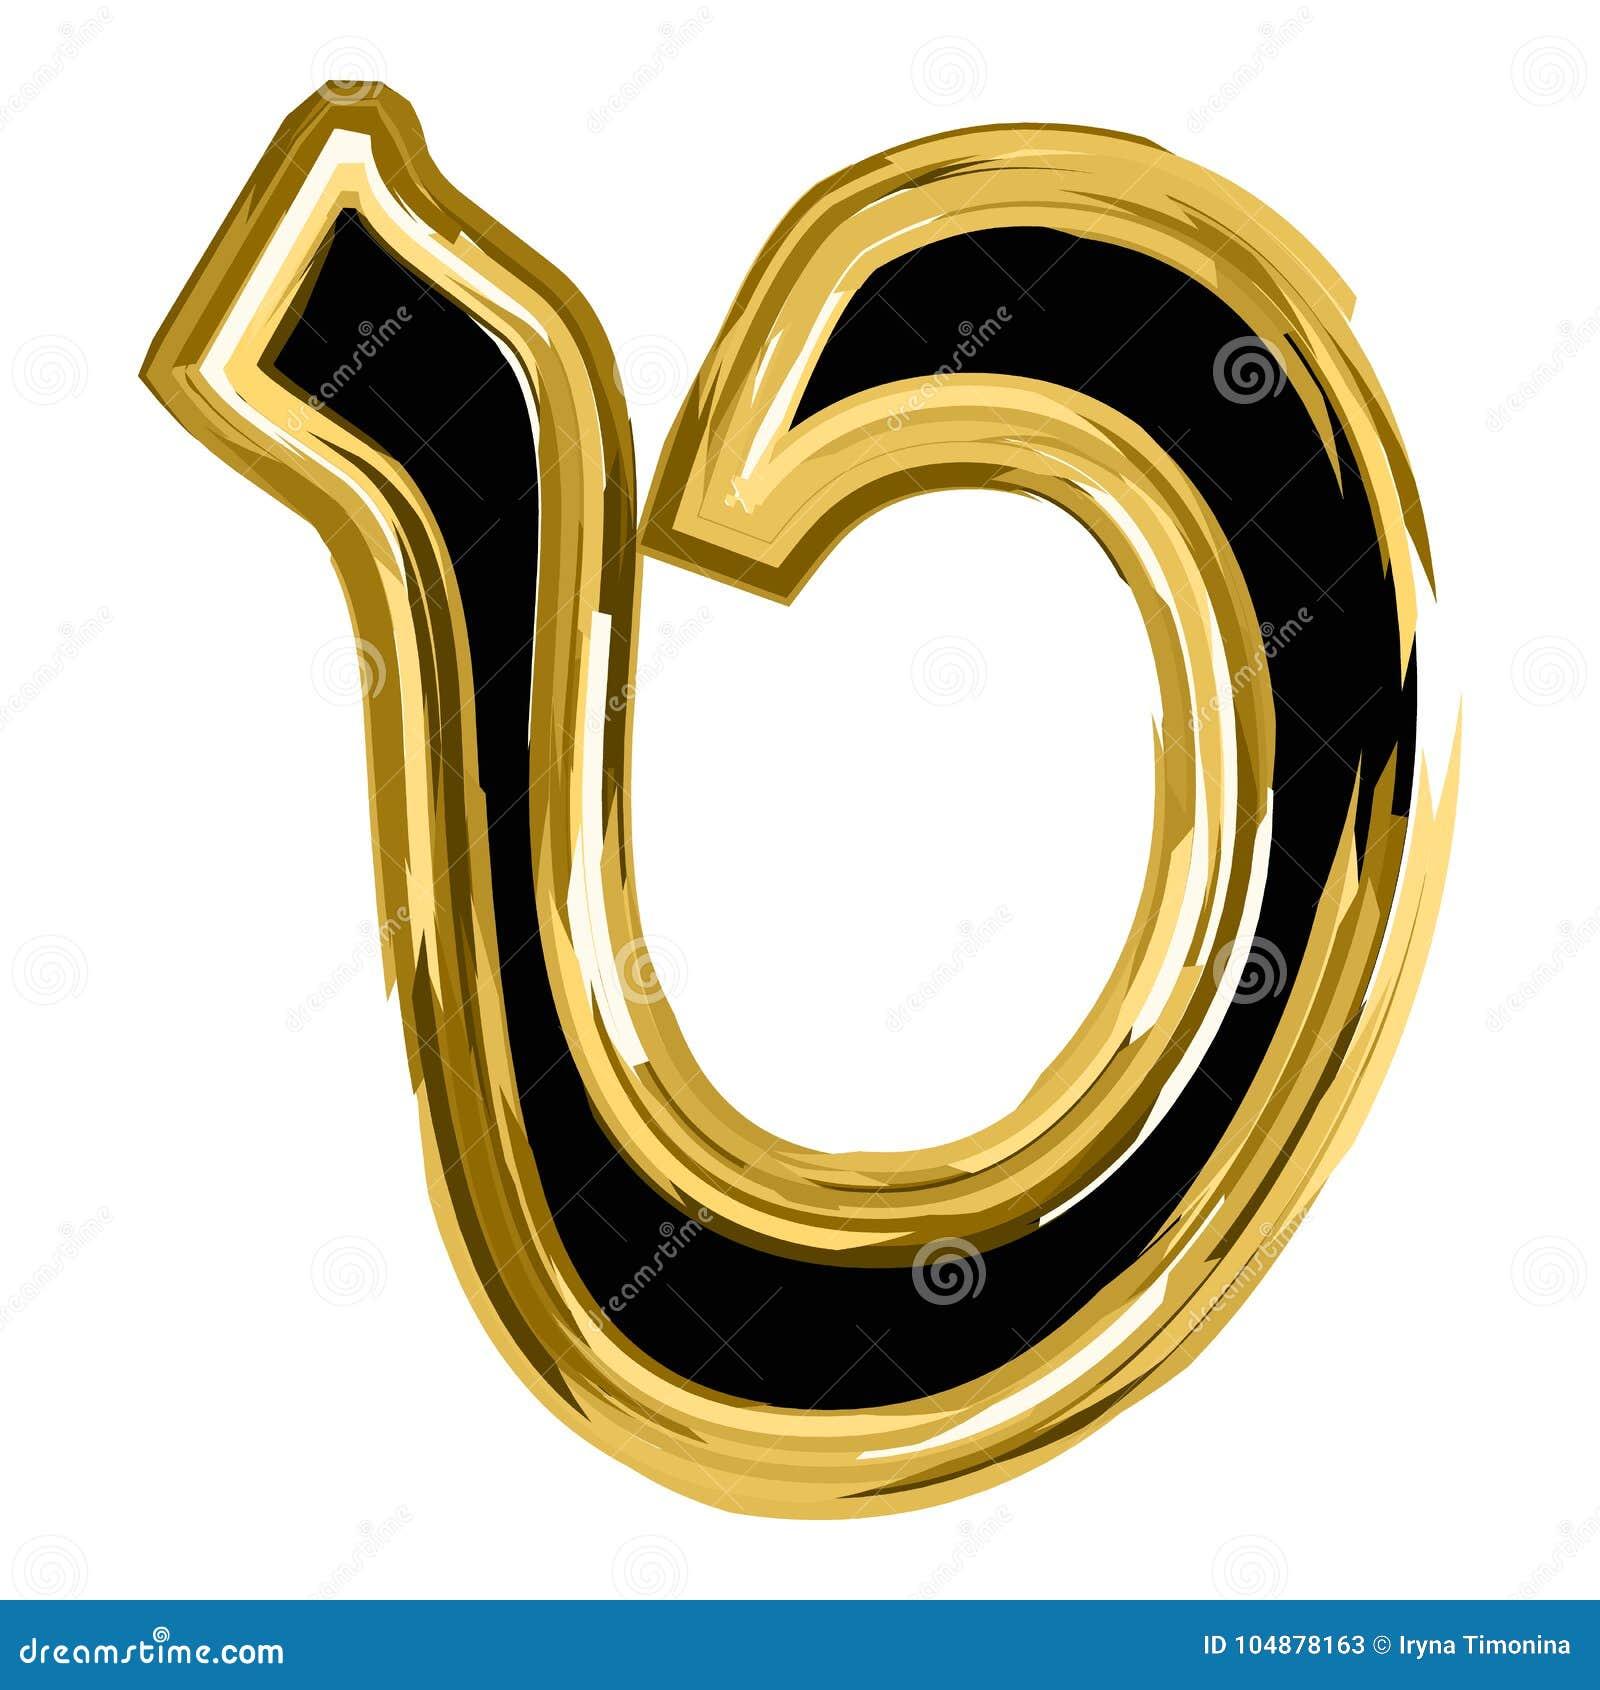 Złoty listowy Tet od Hebrajskiego abecadła złoto listowa chrzcielnica Hanukkah Wektorowa ilustracja na odosobnionym tle